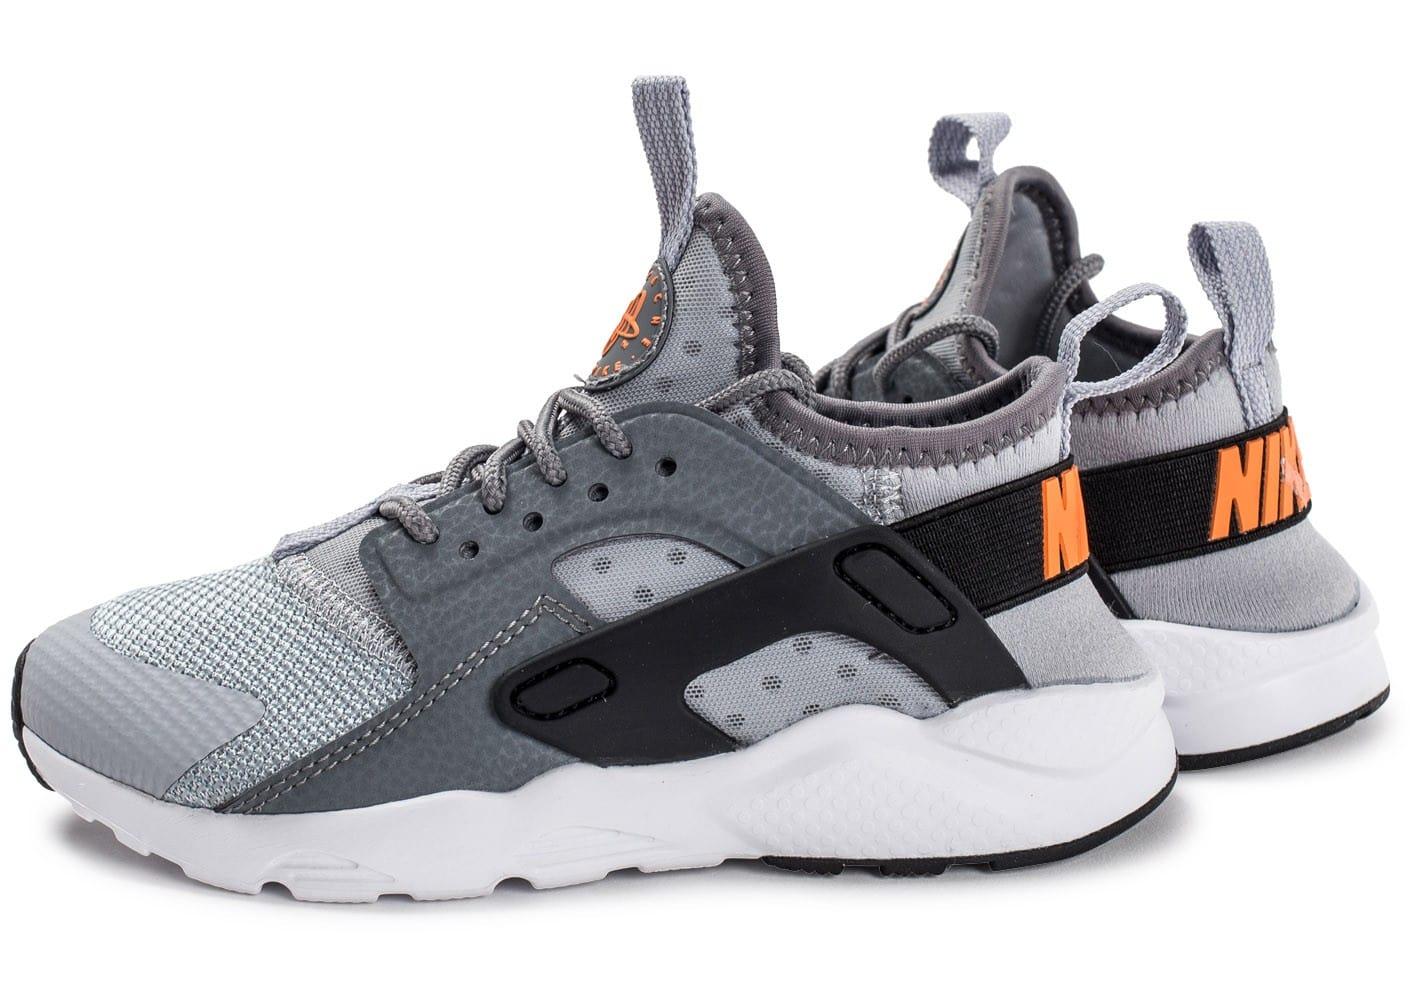 quality design 82337 c757d Nike Air Huarache enfants, Chaussures Nike Huarache Run Ultra Enfant grise  et noire